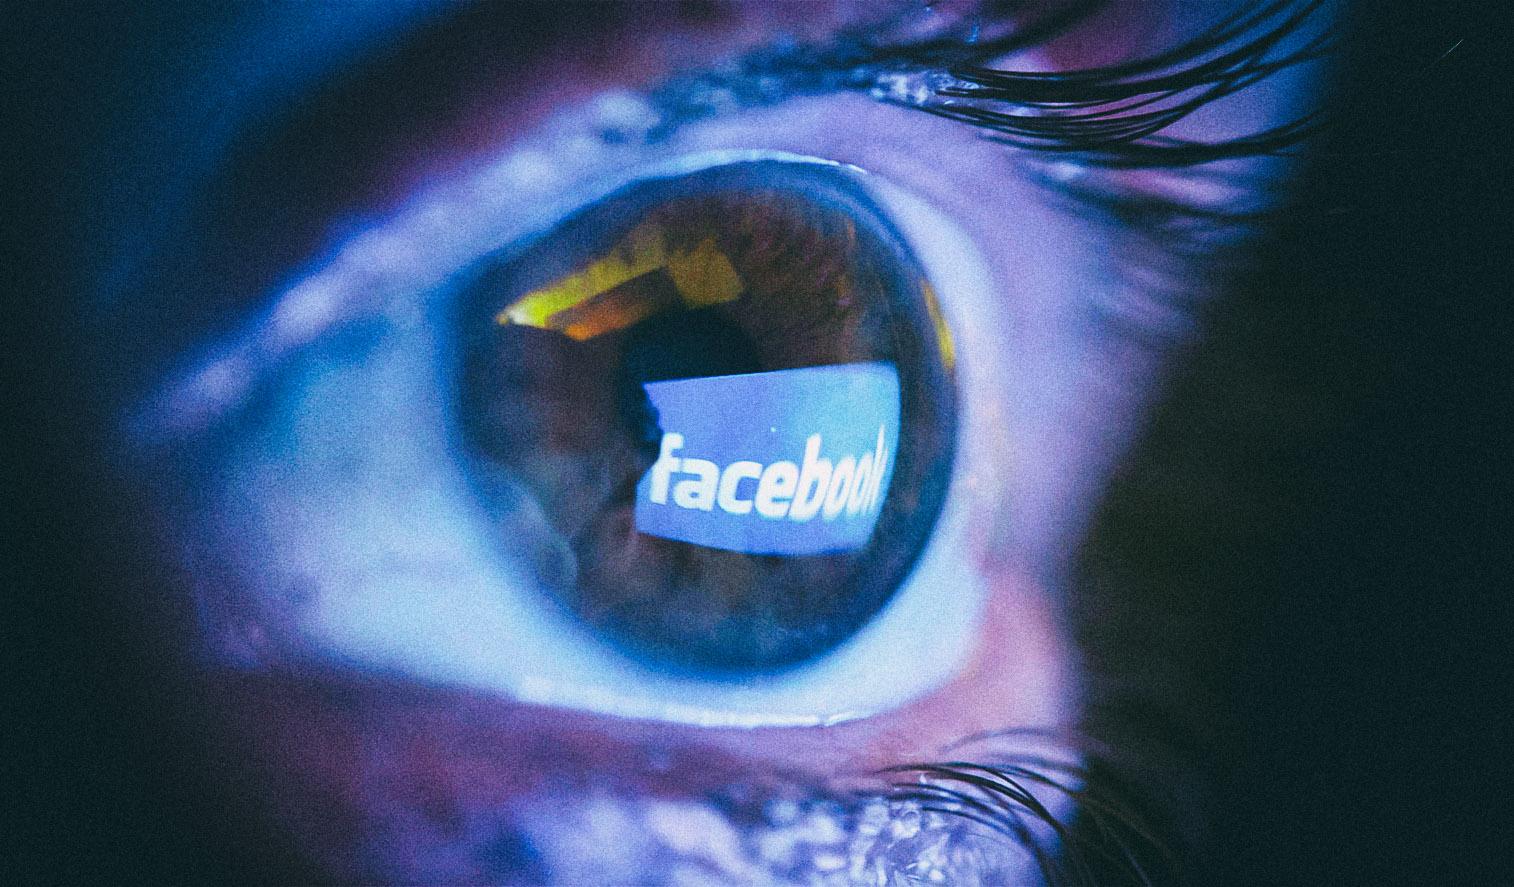 Facebook следит за тем, что о нем говорят в сети